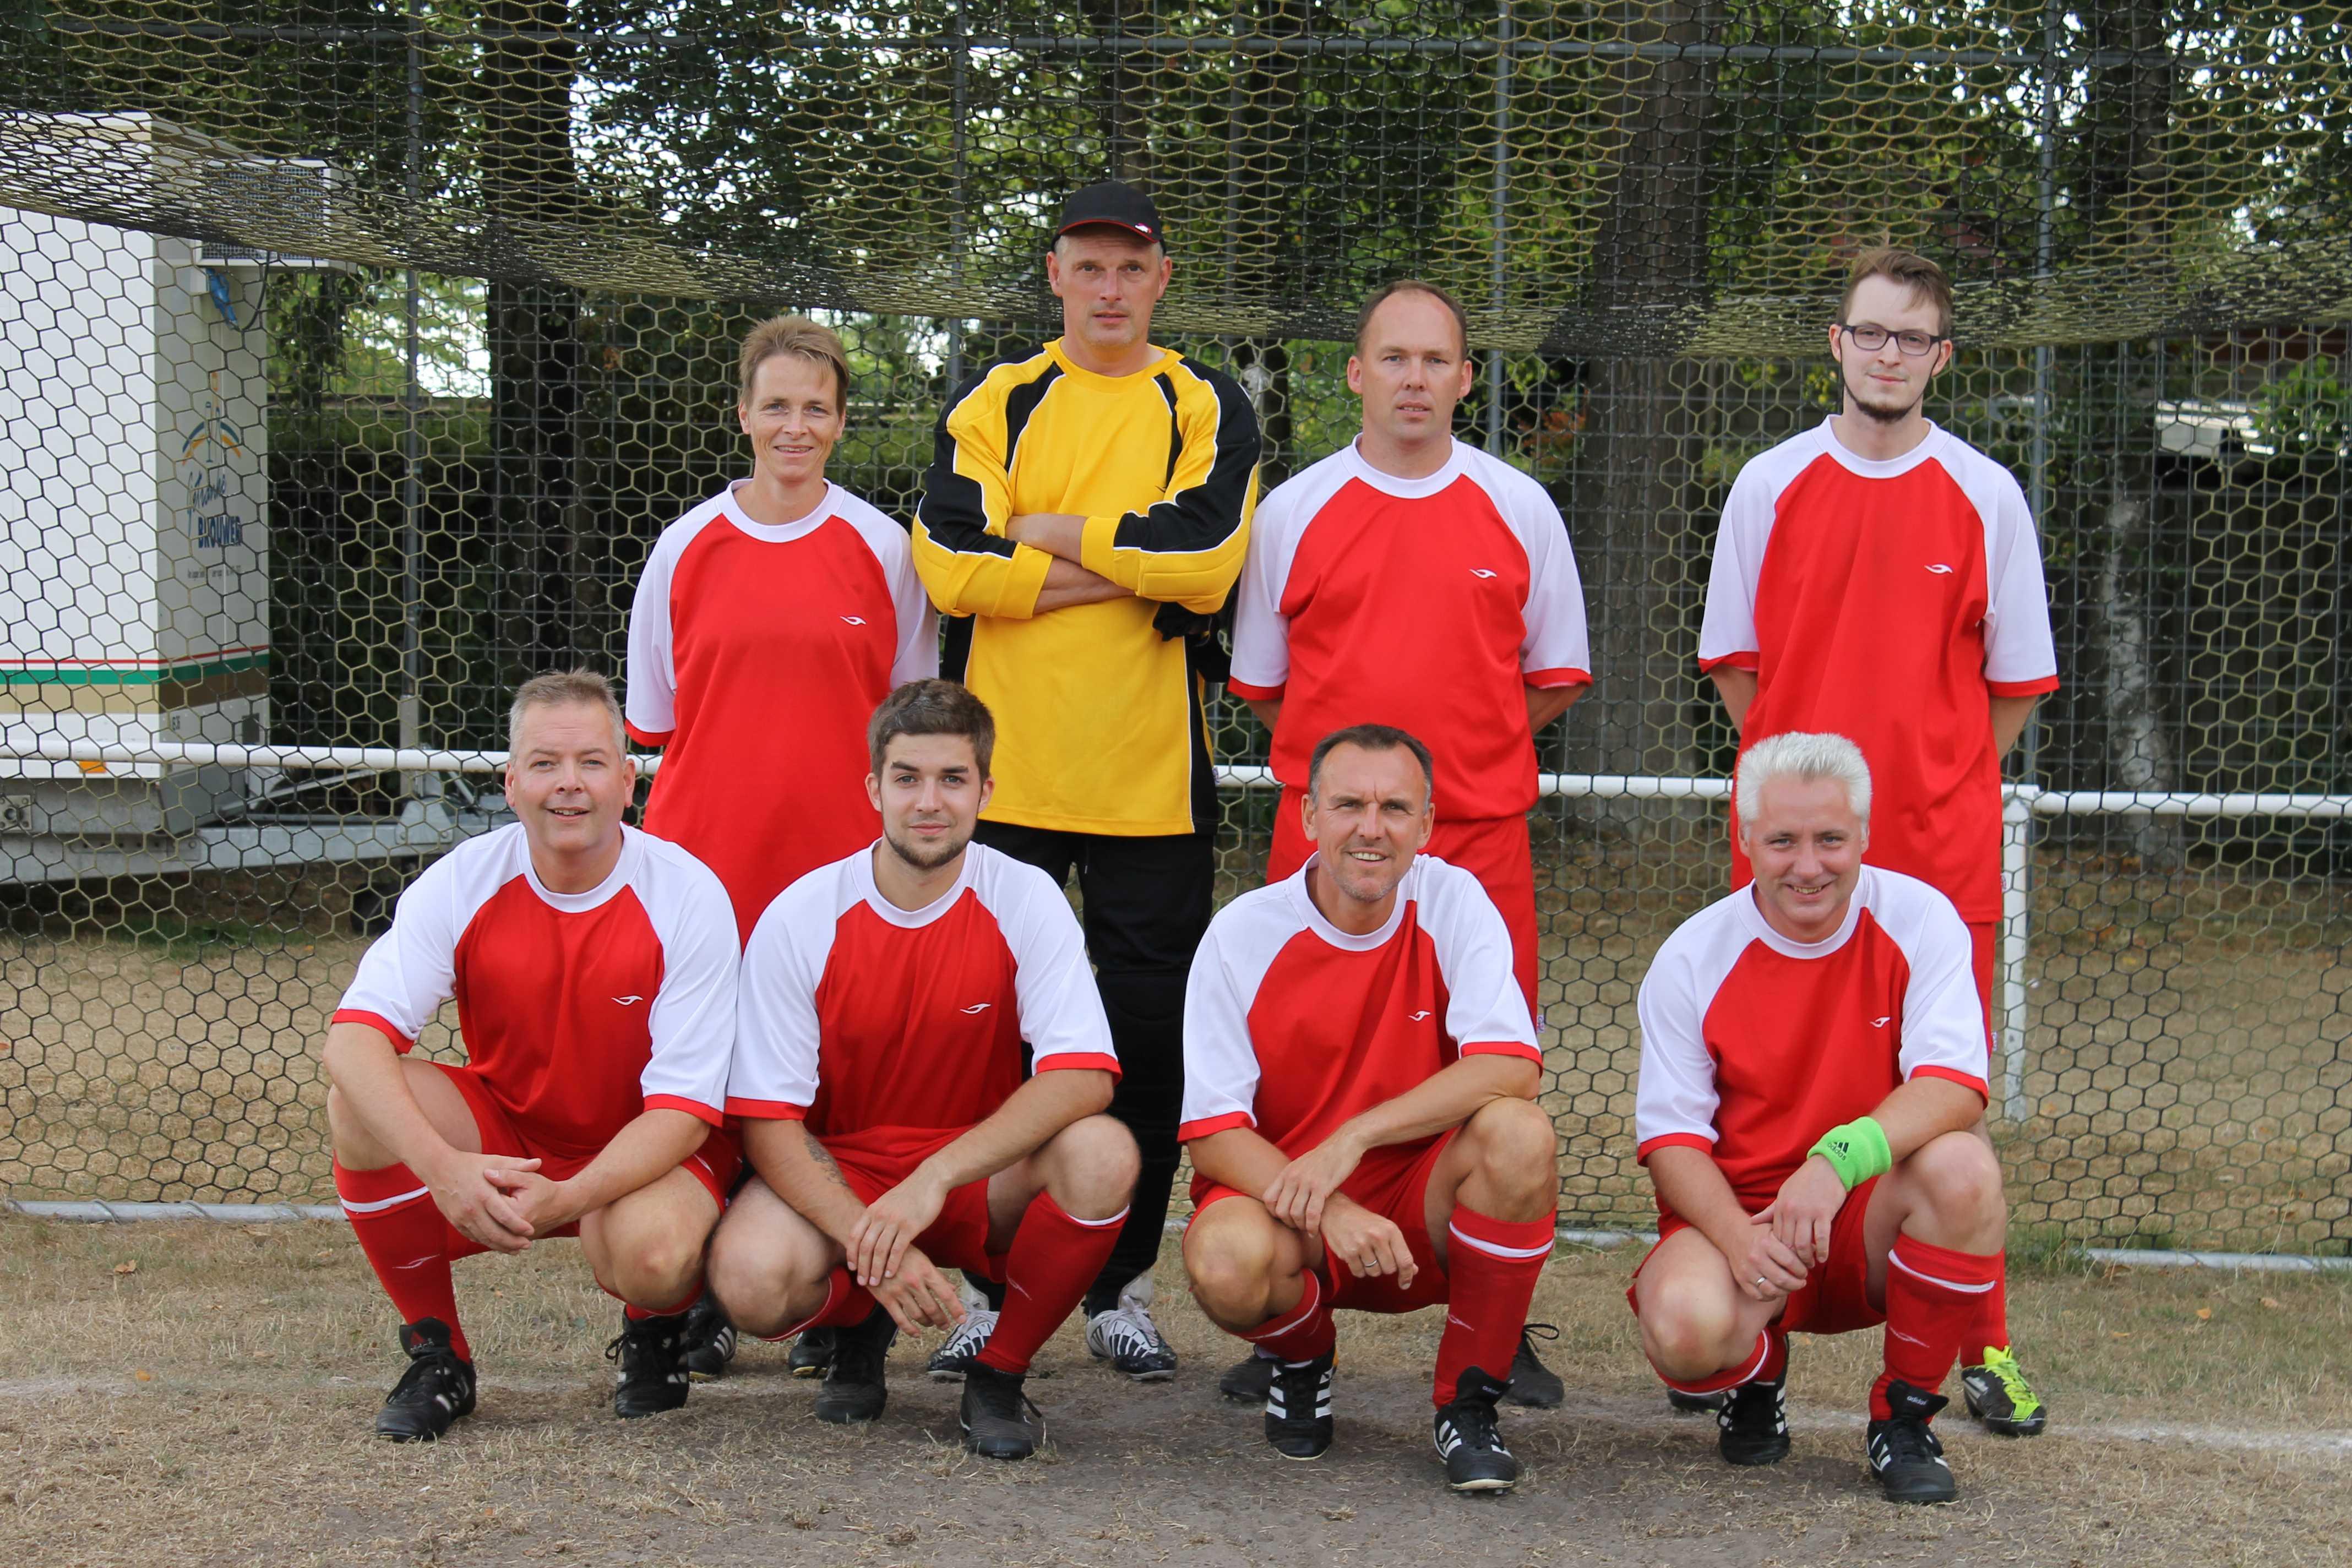 2018-08-04 Sportwoche - Straßenturnier (6)